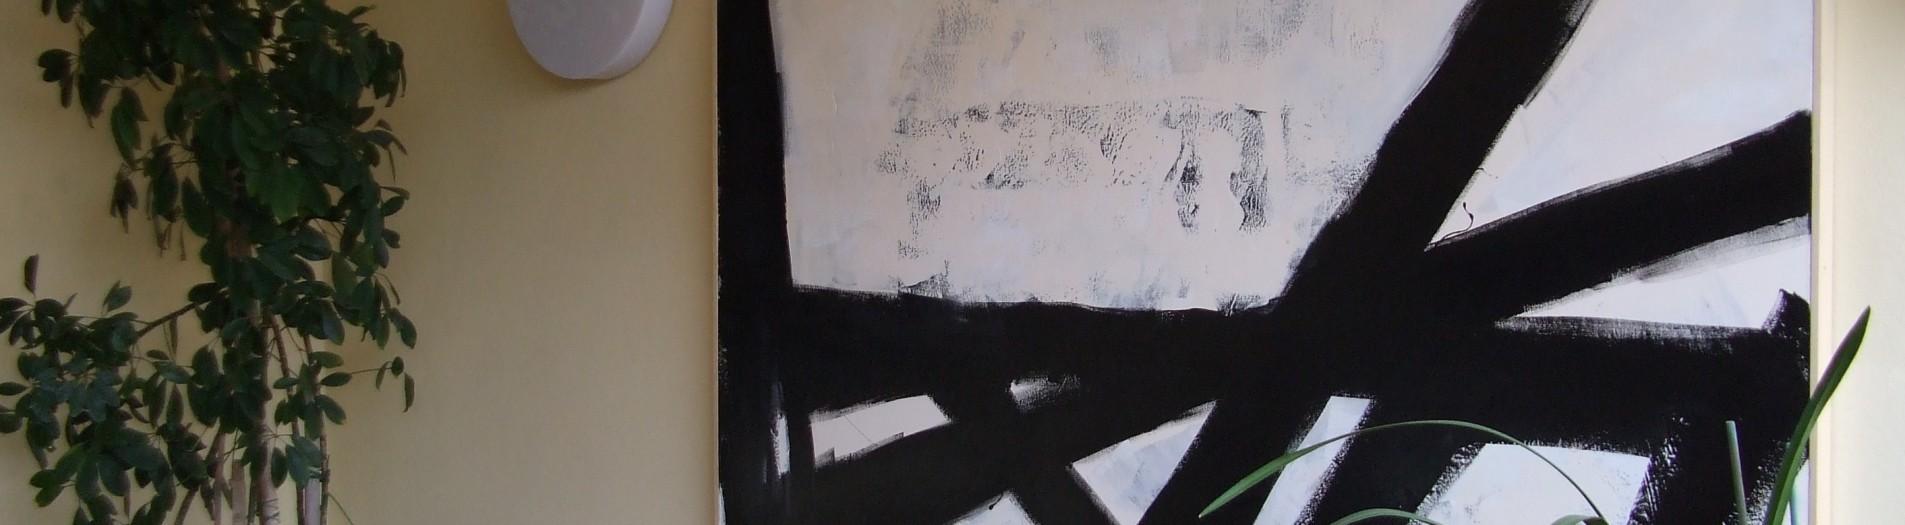 L'Ordine delle Cose, 140 x 180, smalto su tela, 2015